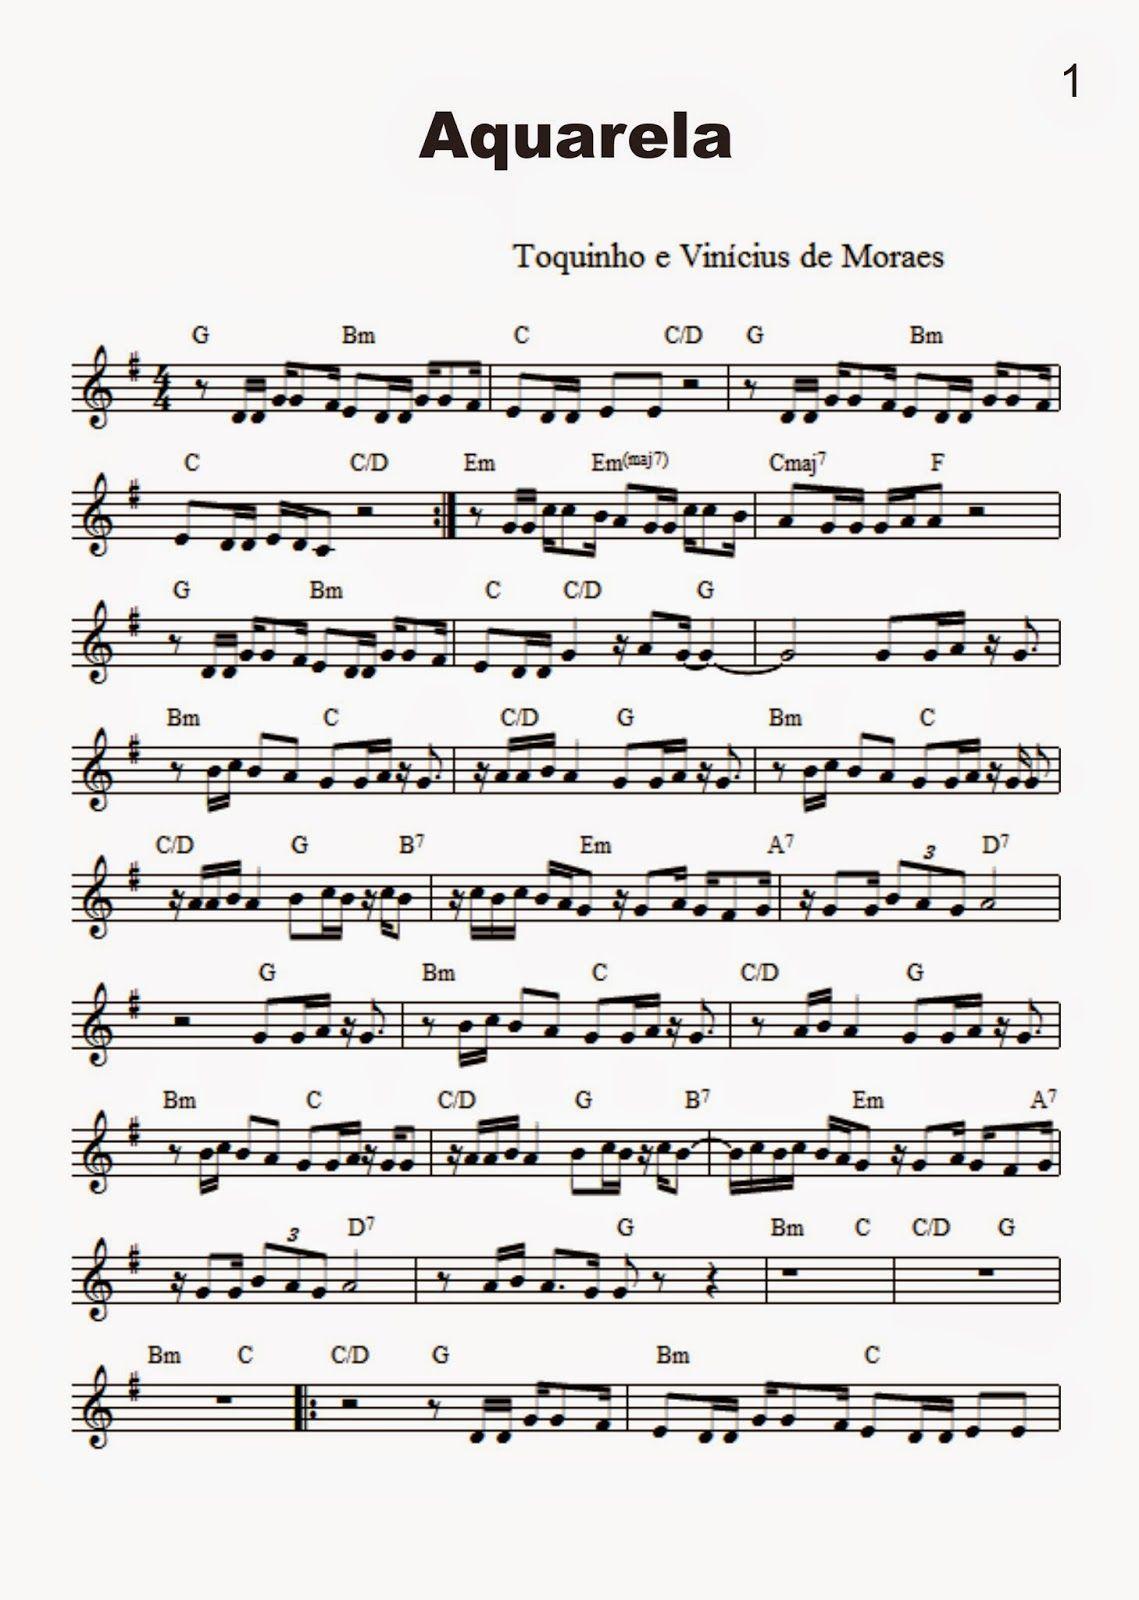 musica aquarela toquinho mp3 gratis